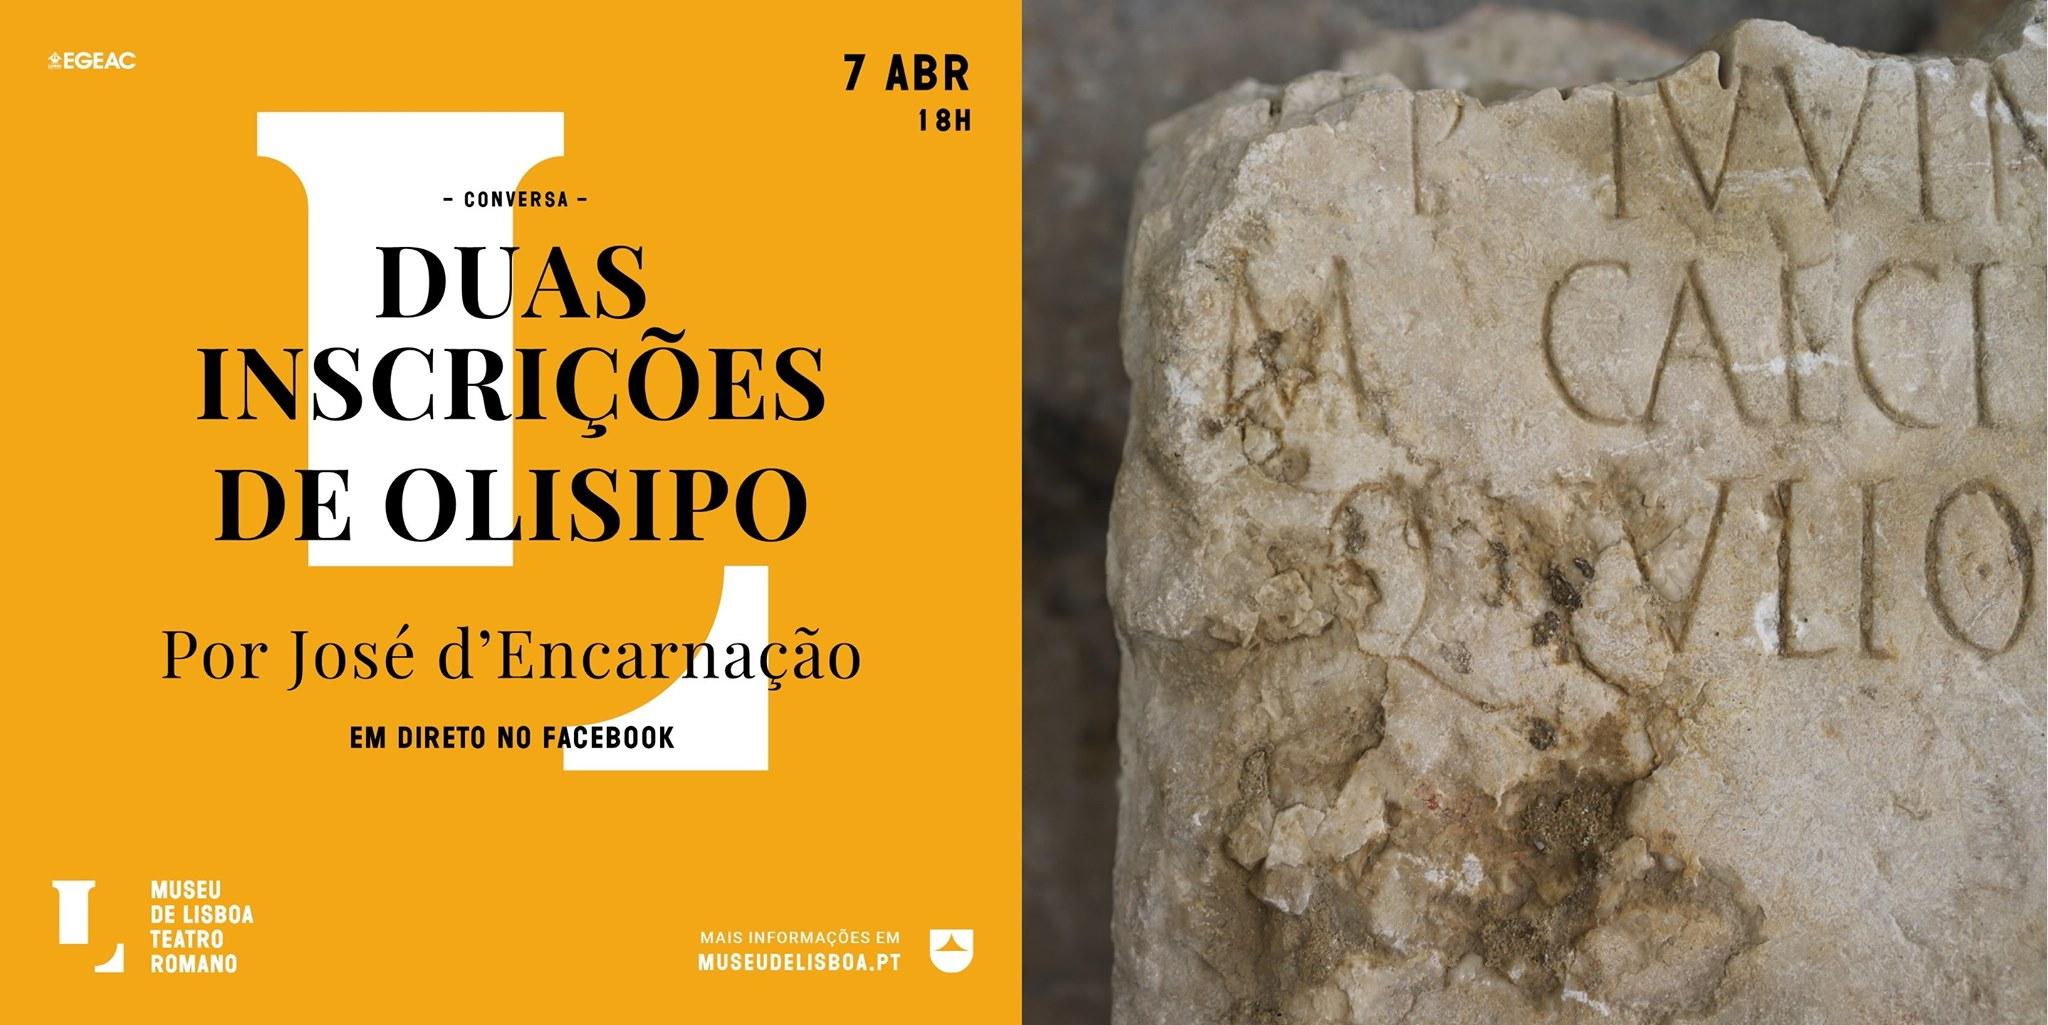 «Duas Inscrições de Olisipo», por José d'Encarnação